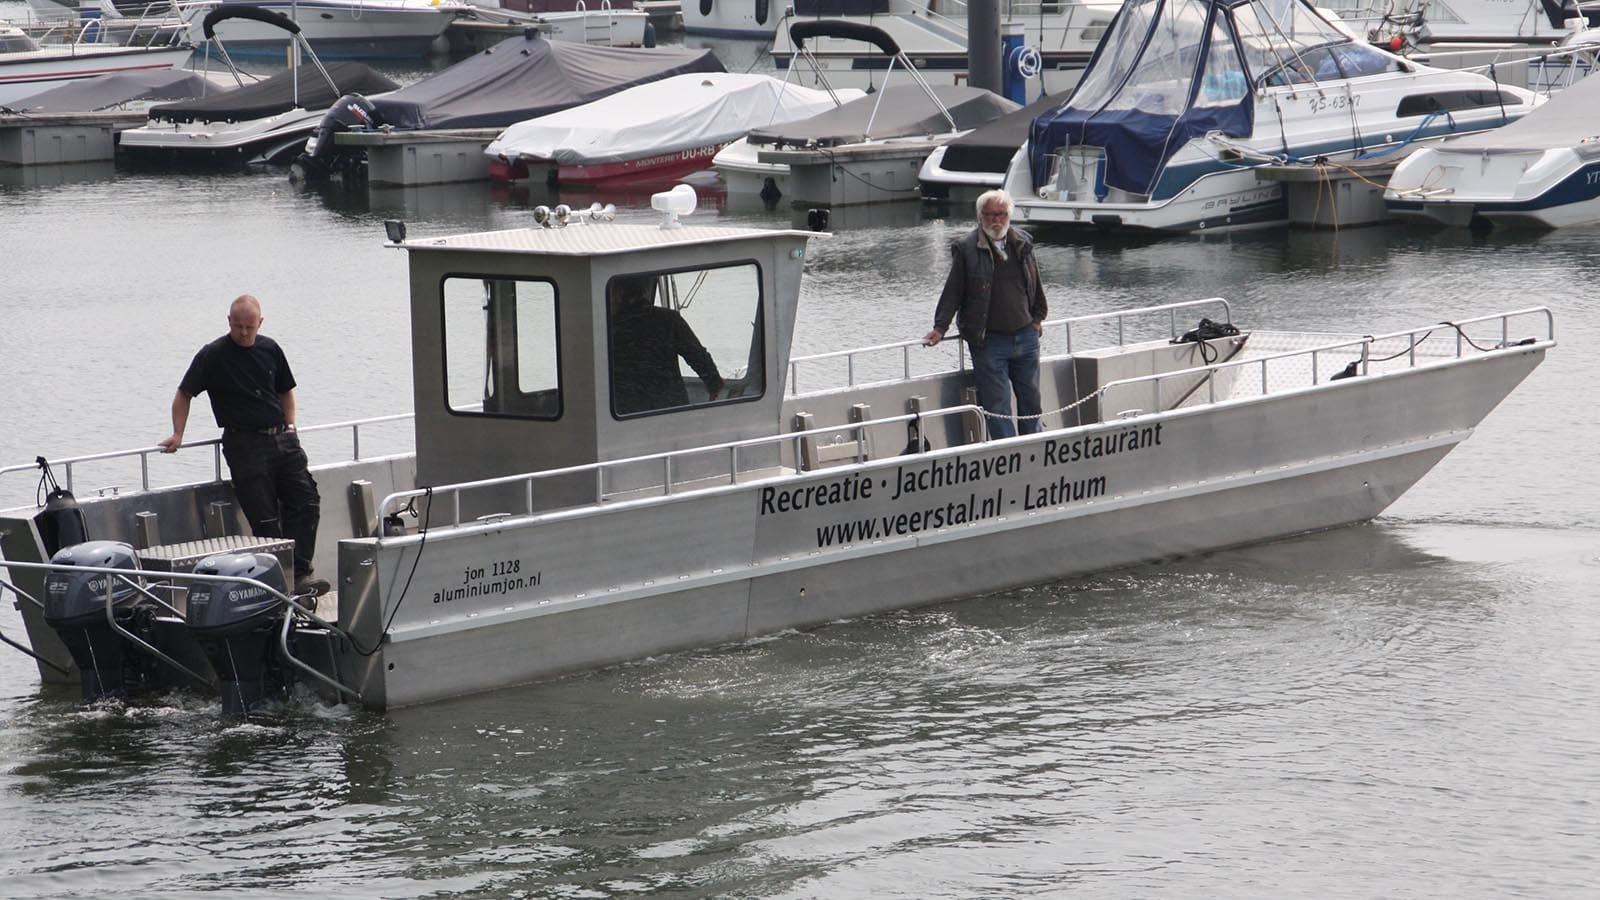 AluminiumJon.nl-Landing Craft 11 meters-Standard & Heavy Duty-Aluminium Boats